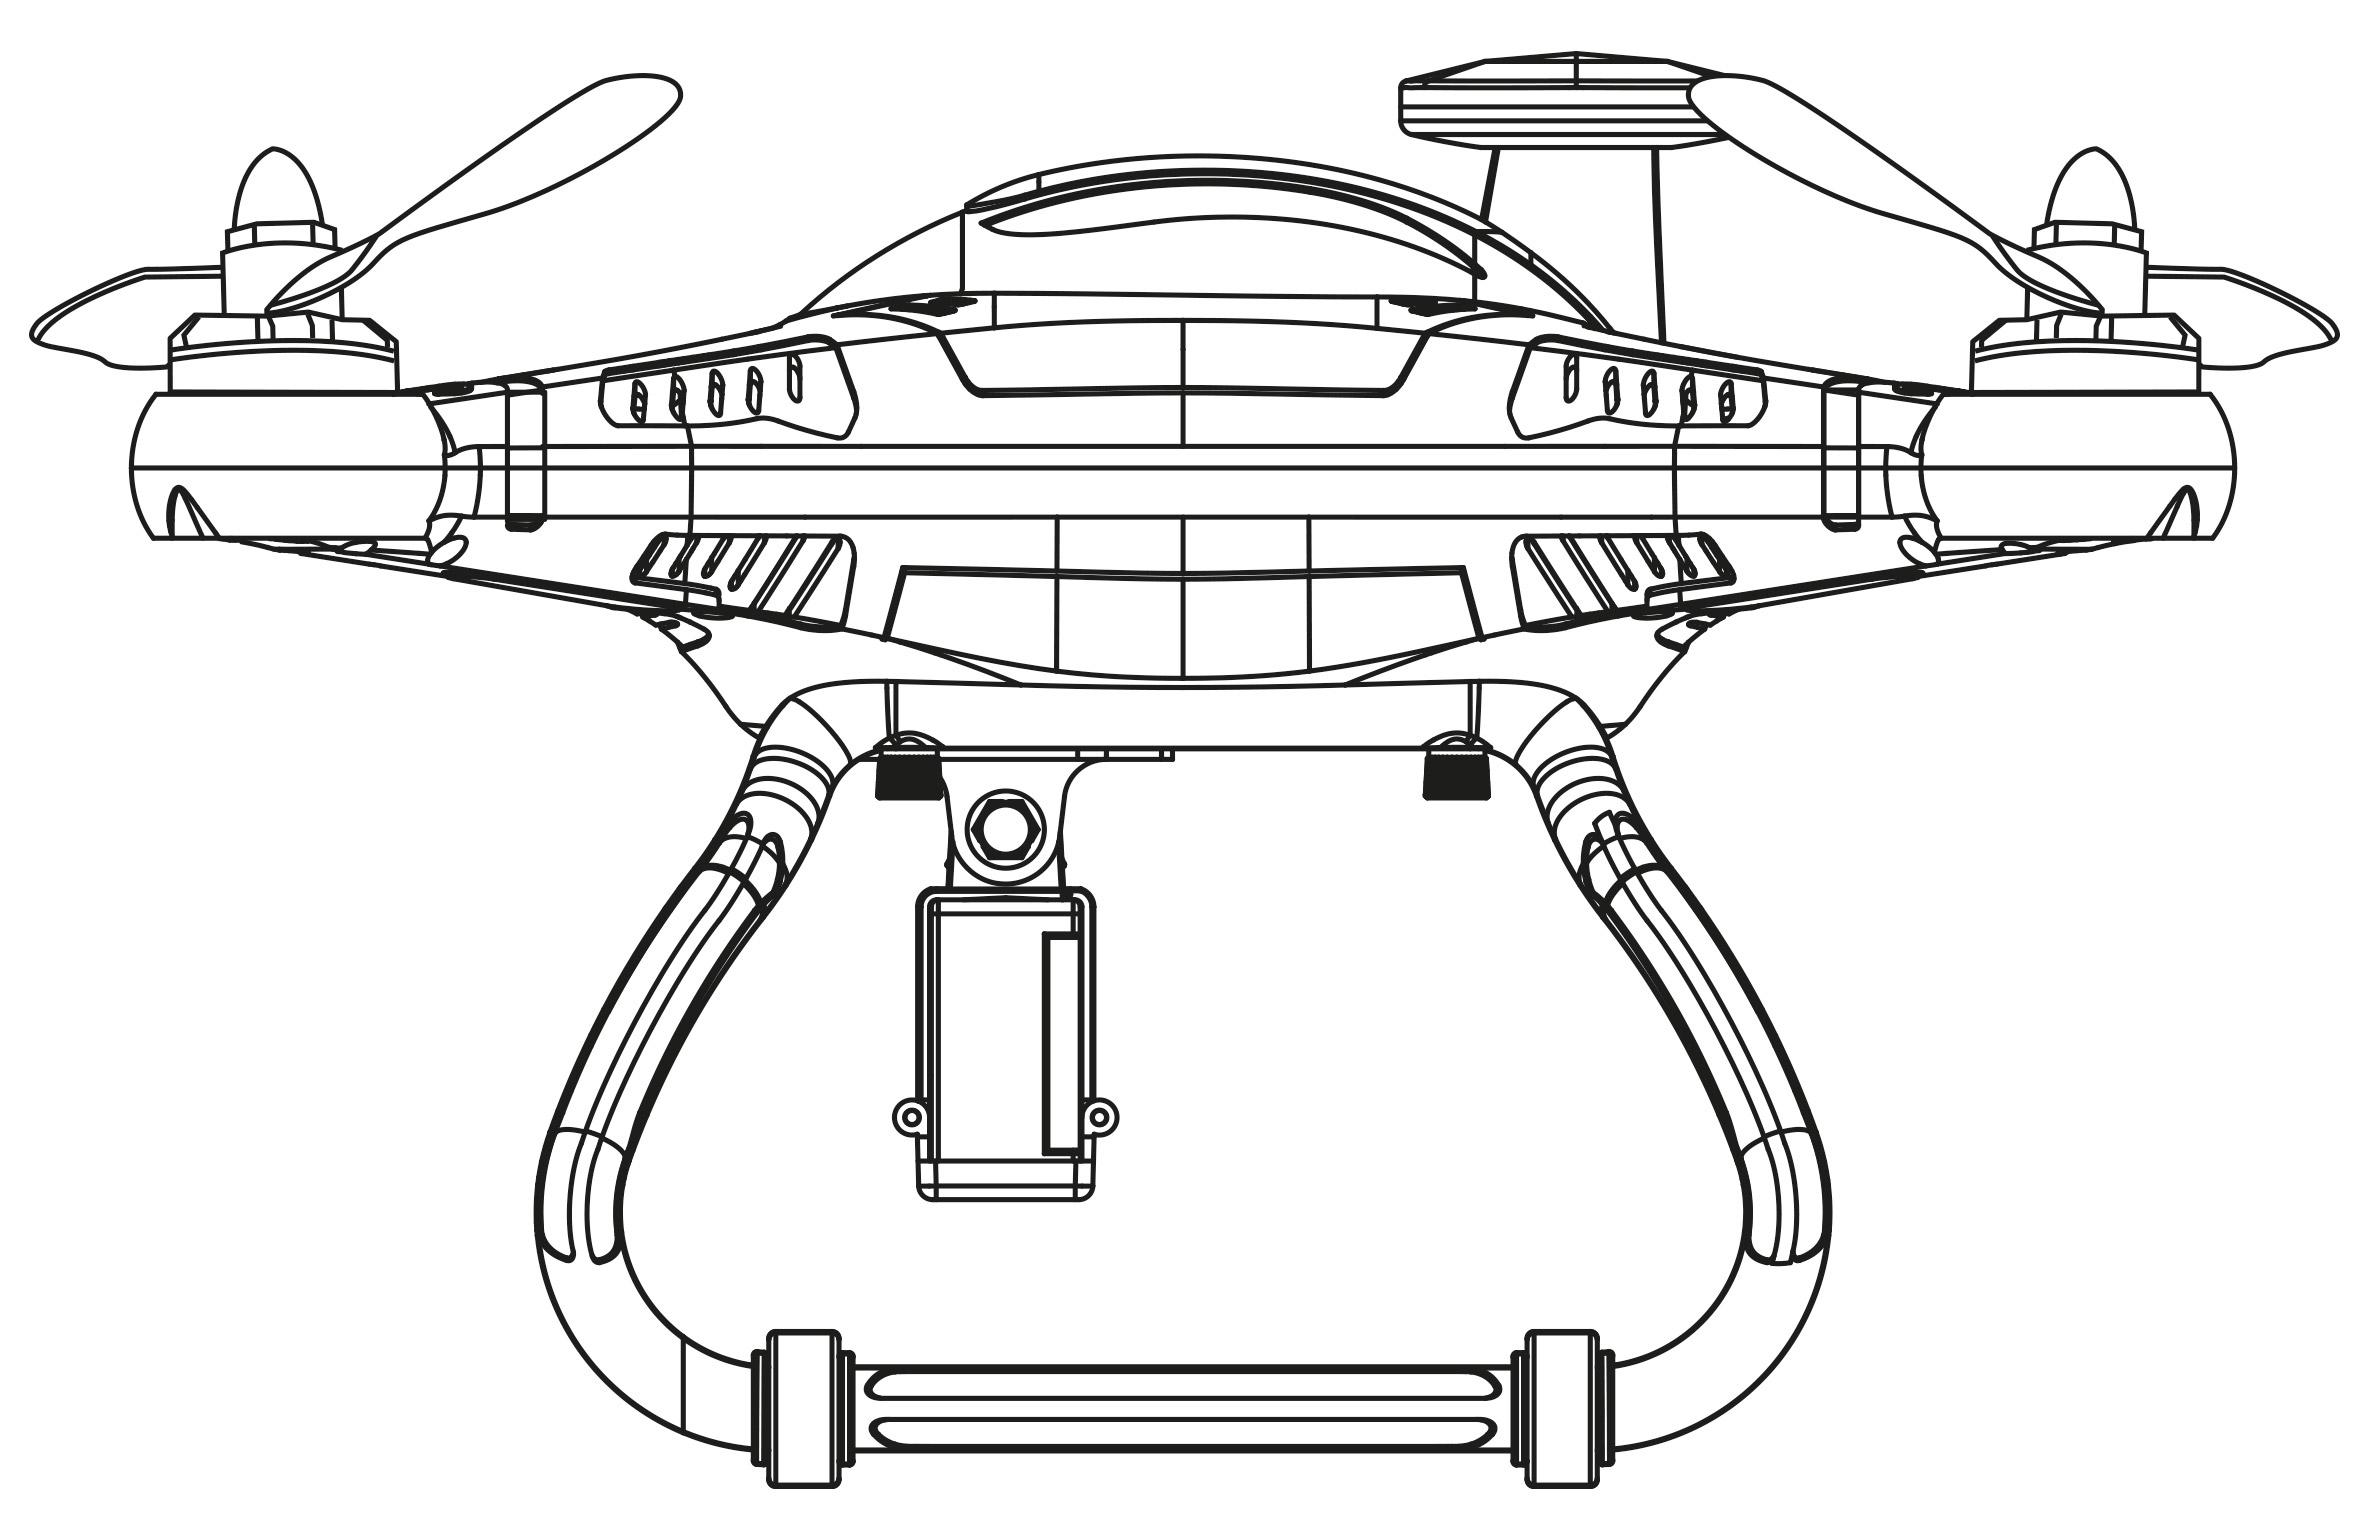 Guide D Utilisation Des Drones De Loisirs Les 10 Regles